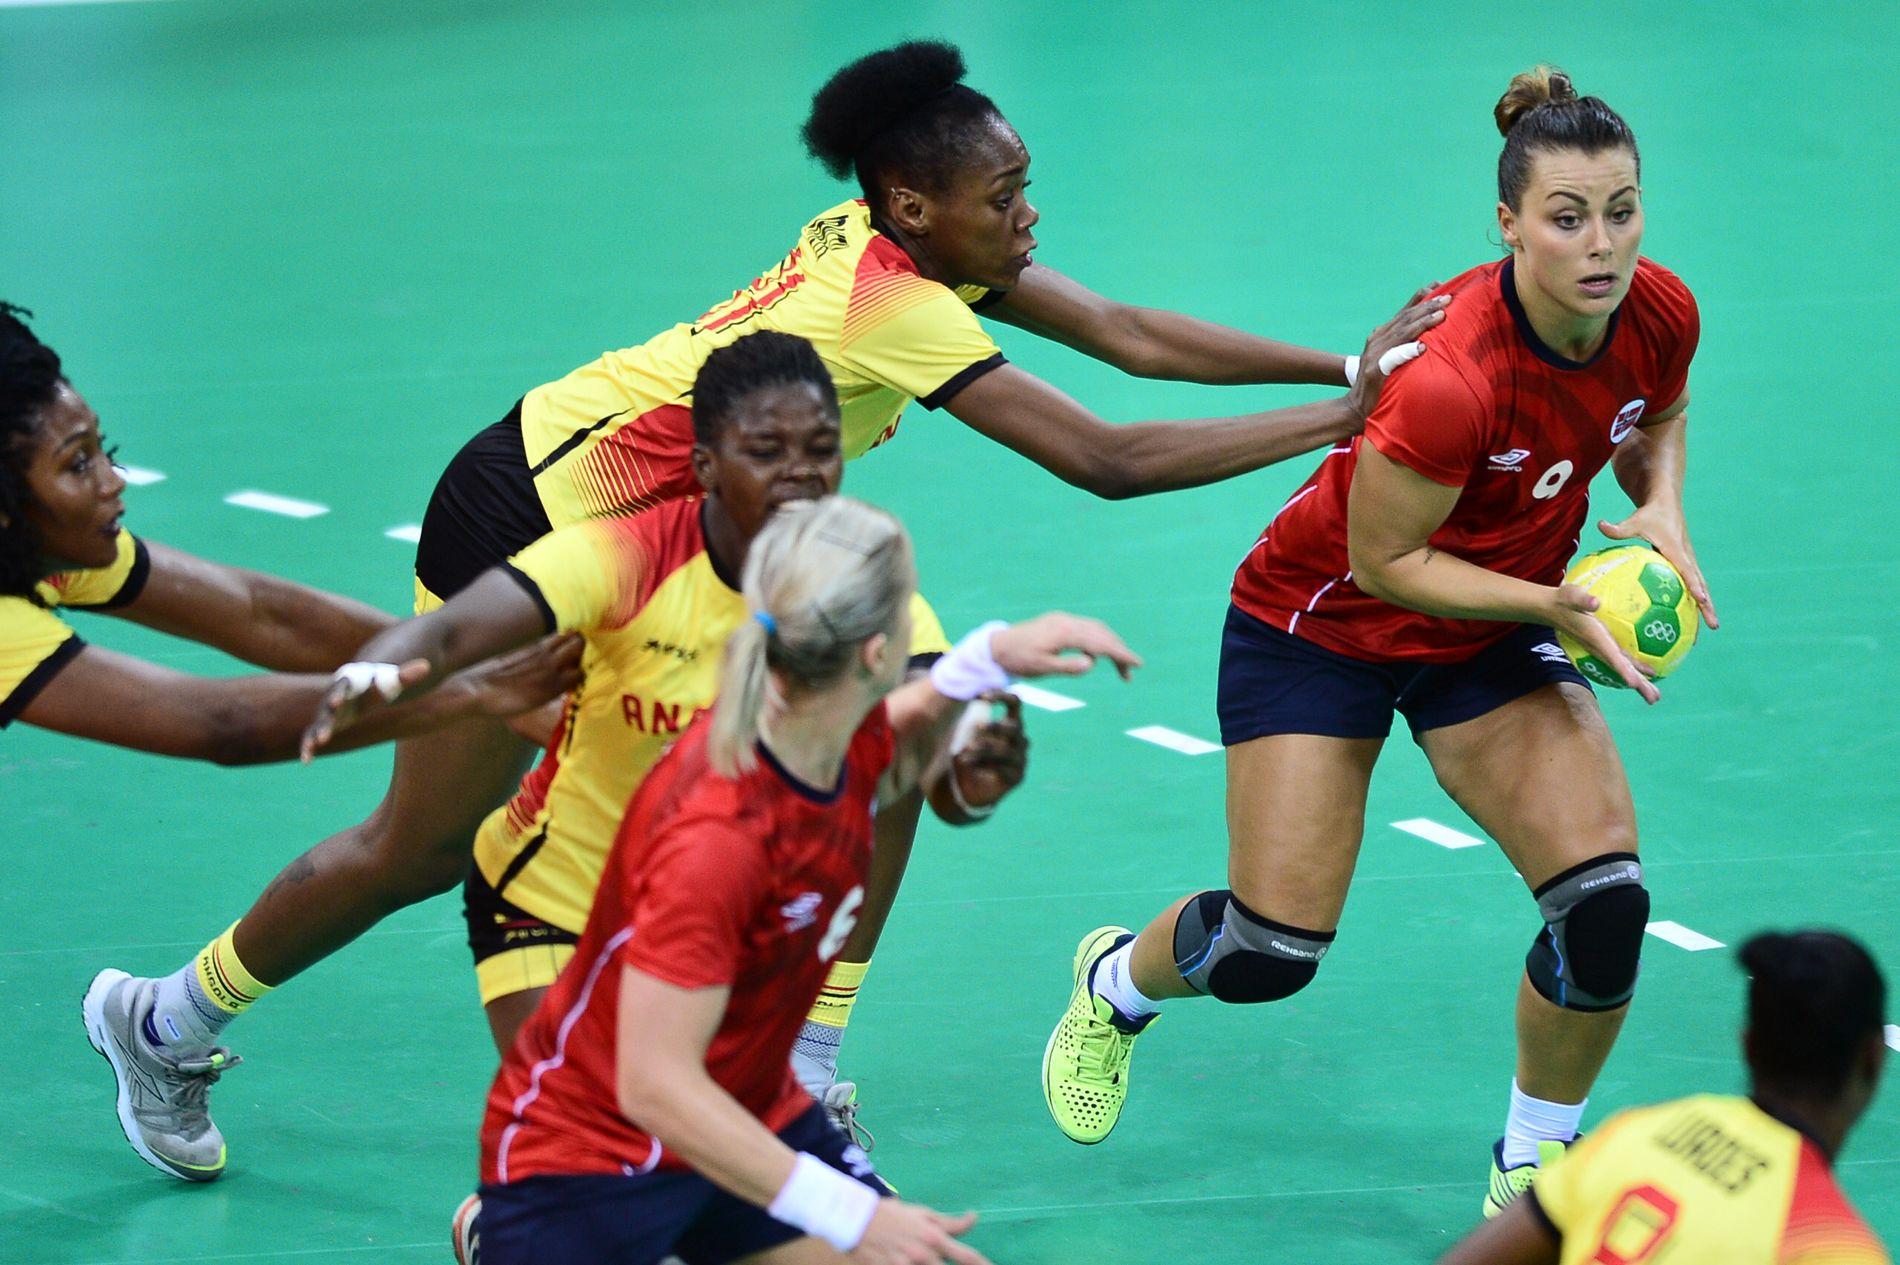 Nora Mørk med ballen i kampen mot Angola.